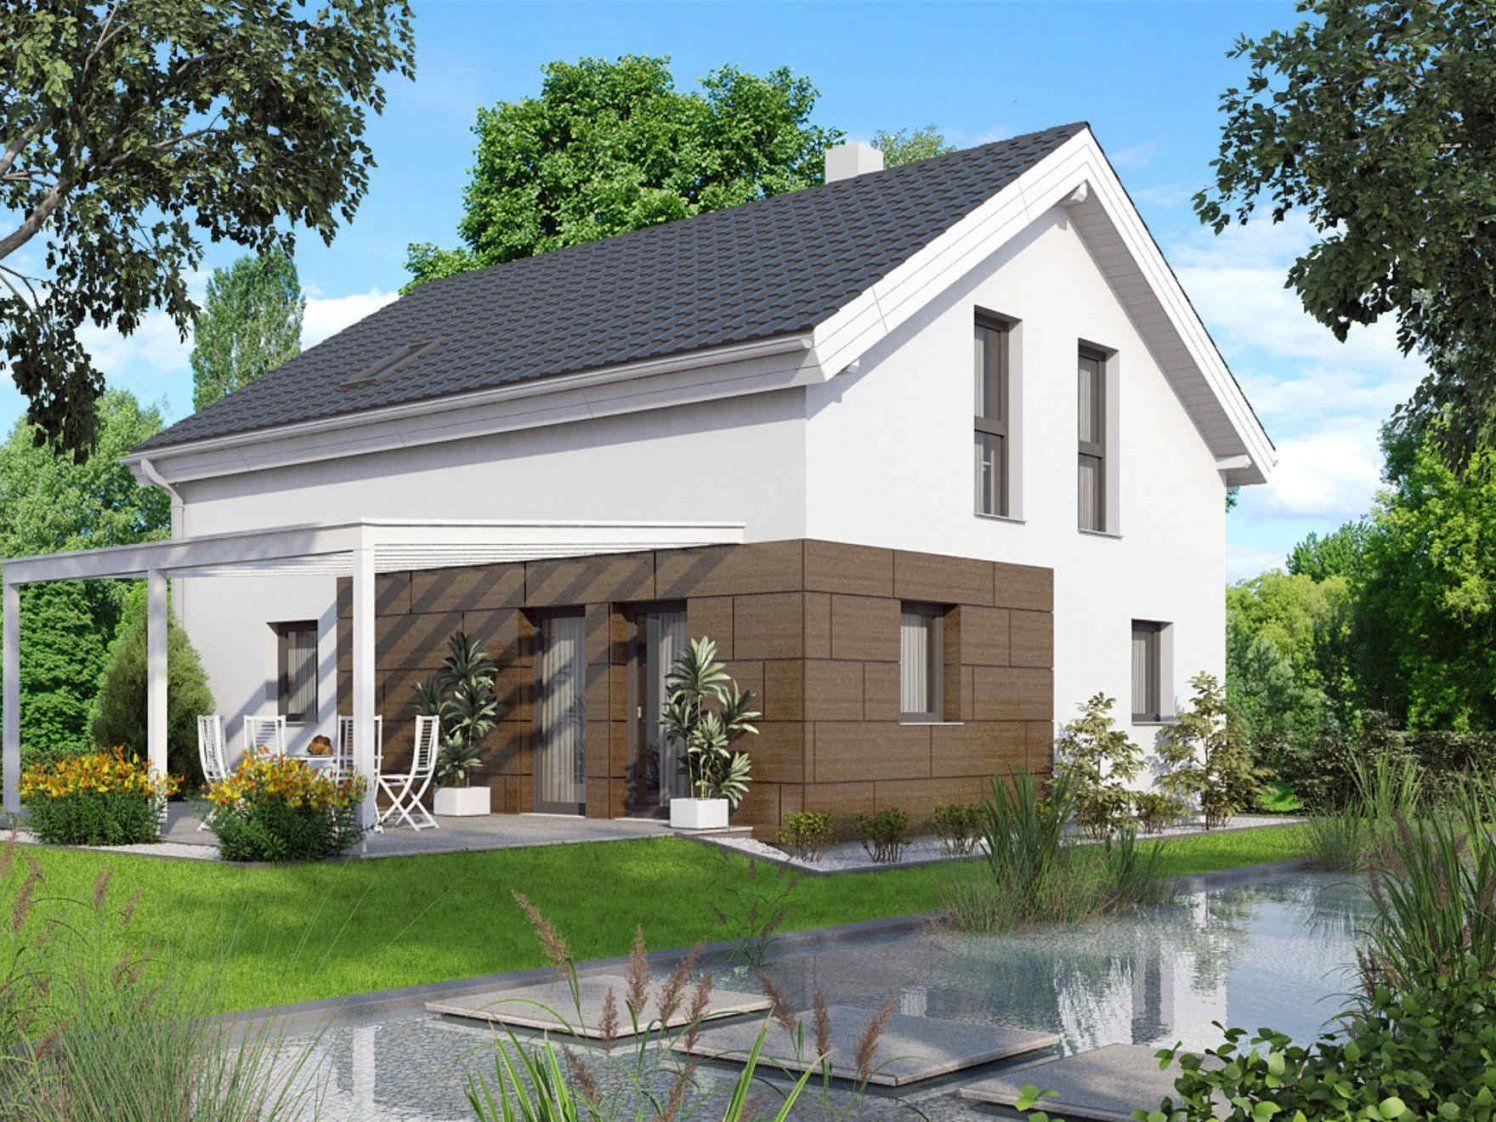 Falkensee Haus Kaufen Free Haus Mieten In Falkensee Haus Havelland von Haus Kaufen In Falkensee Von Privat Bild